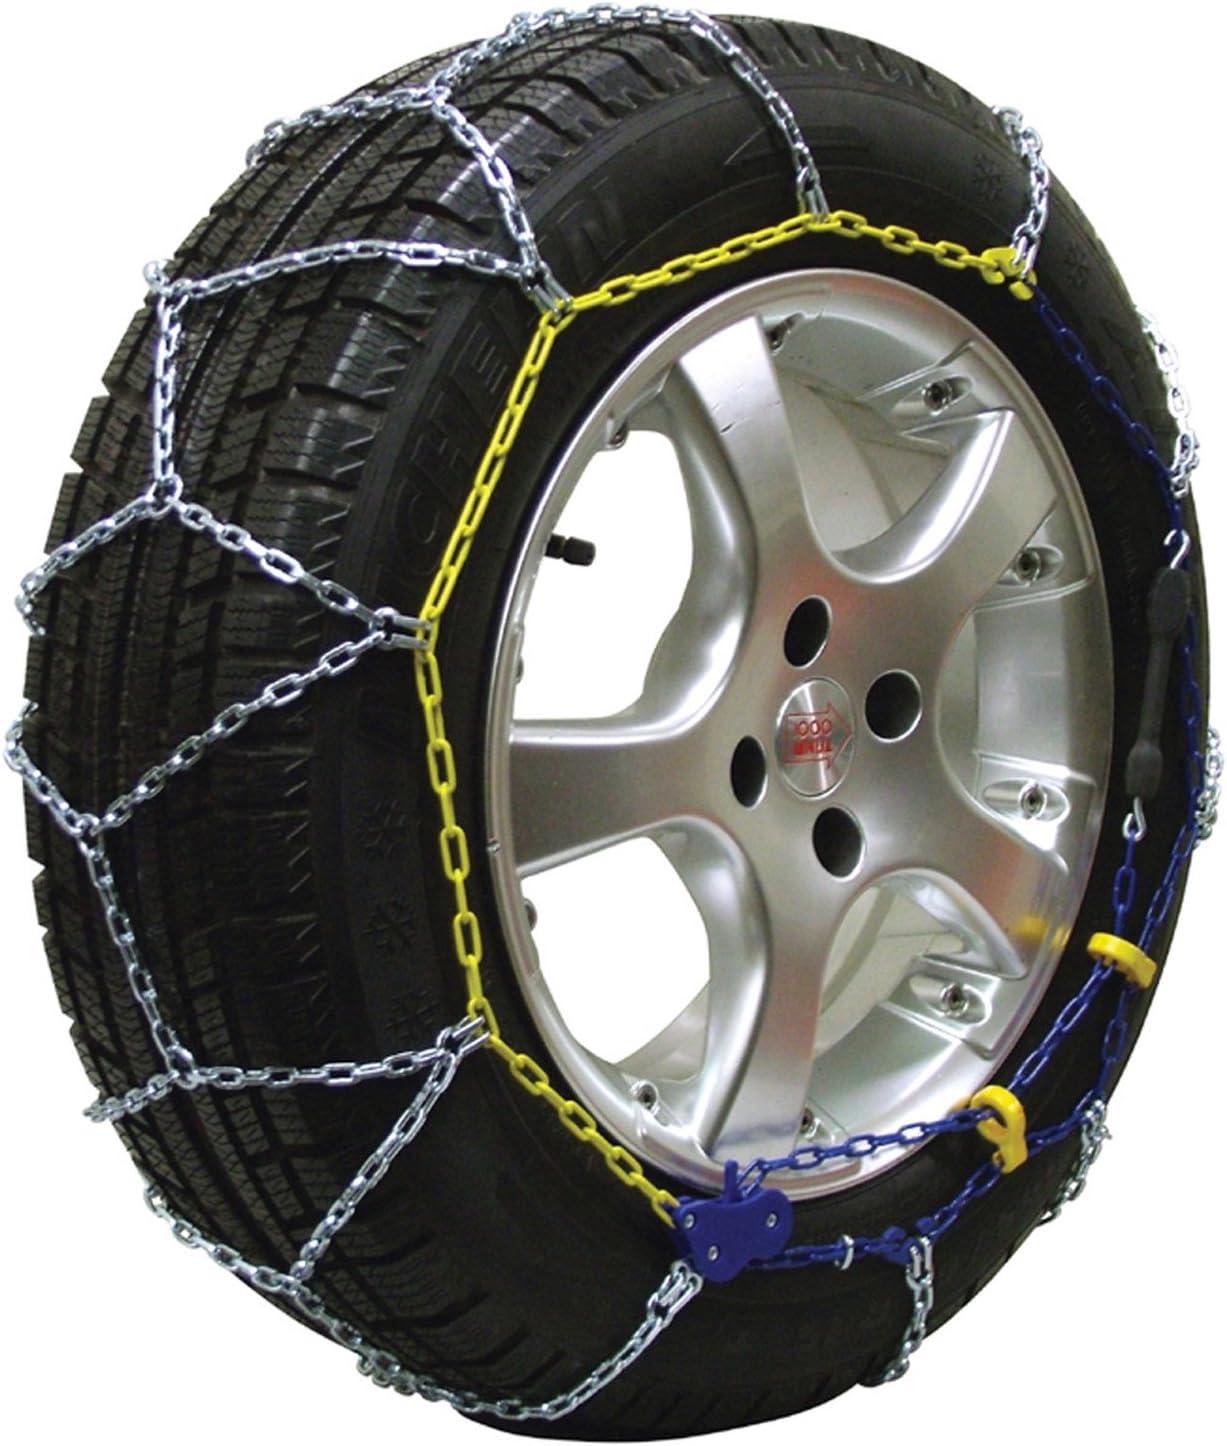 2 pi/èces compatibles ABS et ESP certifi/ées T/ÜV//GS et /ÖNORM Michelin 92307 Cha/înes /à neige M1 avec syst/ème Extrem Grip 59